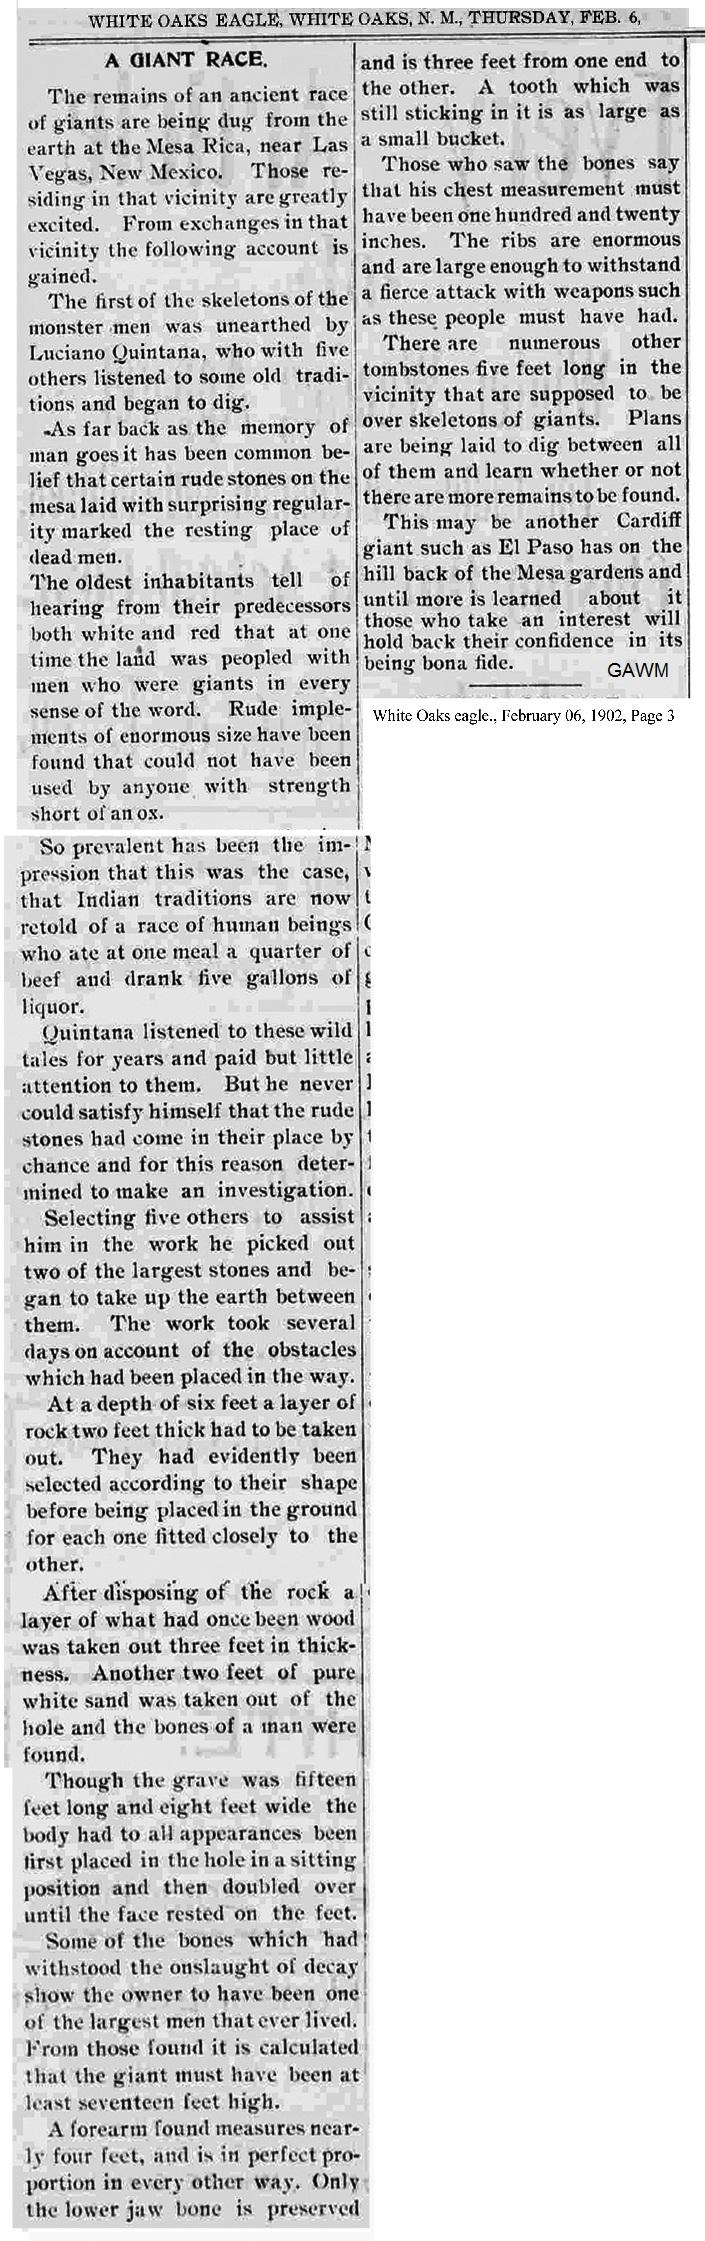 White Oaks Eagle Feb 6 1902 pg3